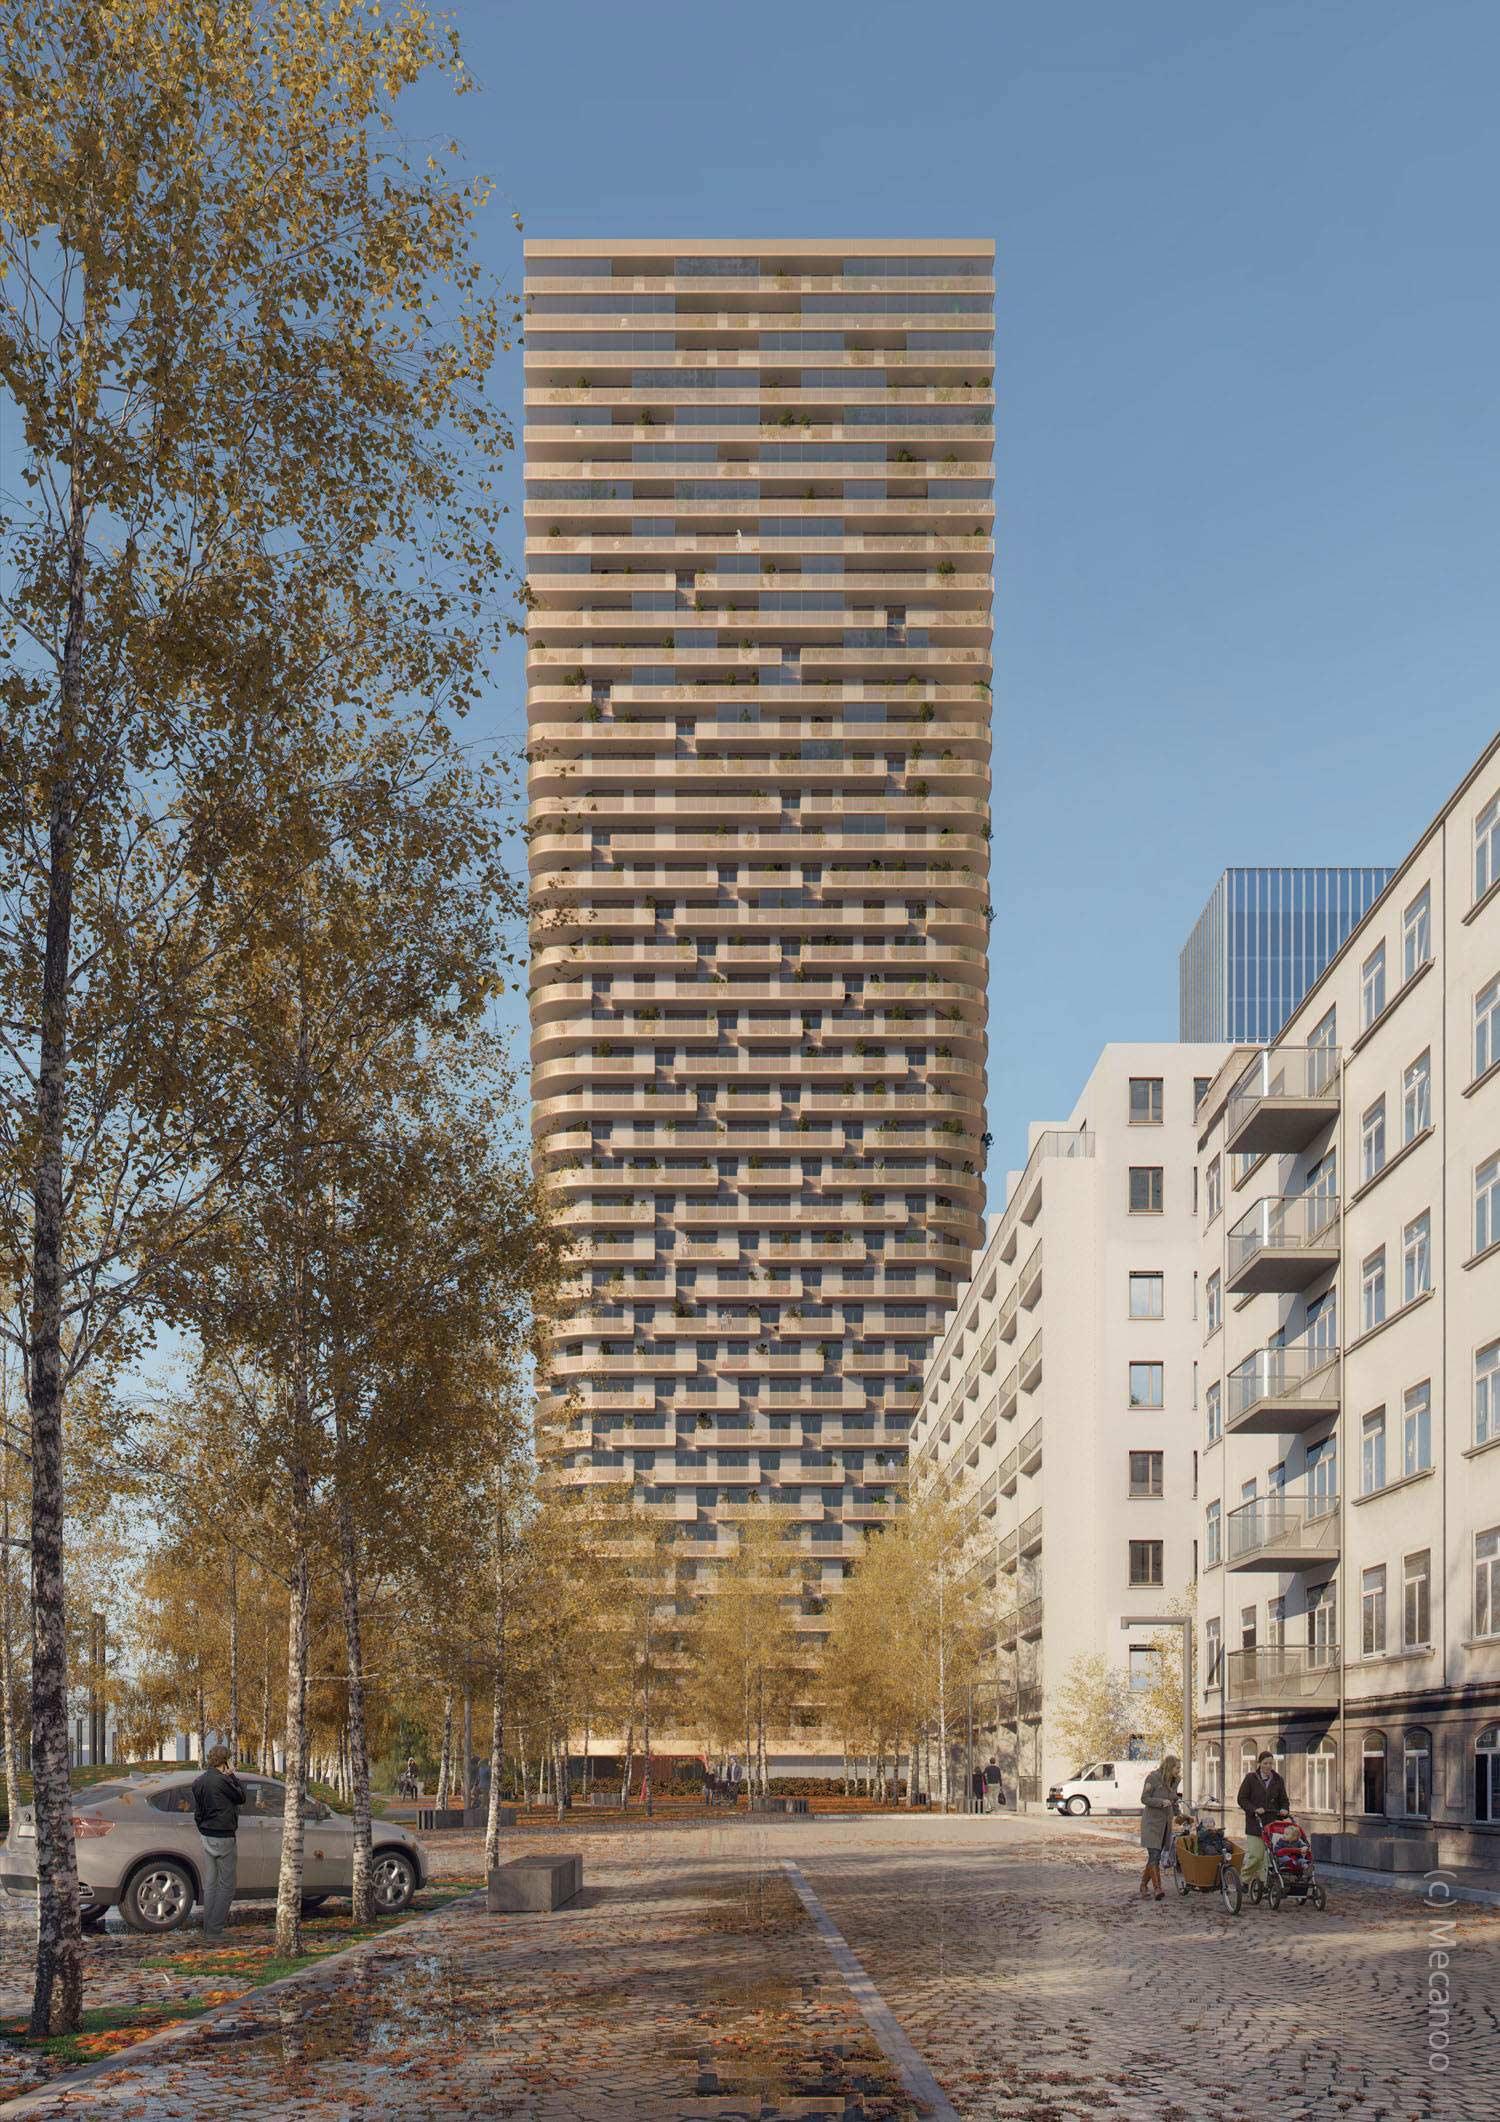 Geplanter Wohnturm in Frankfurt am Main im Projekt Grand Central von Groß und Partner sowie PHOENIX Real Estate Development